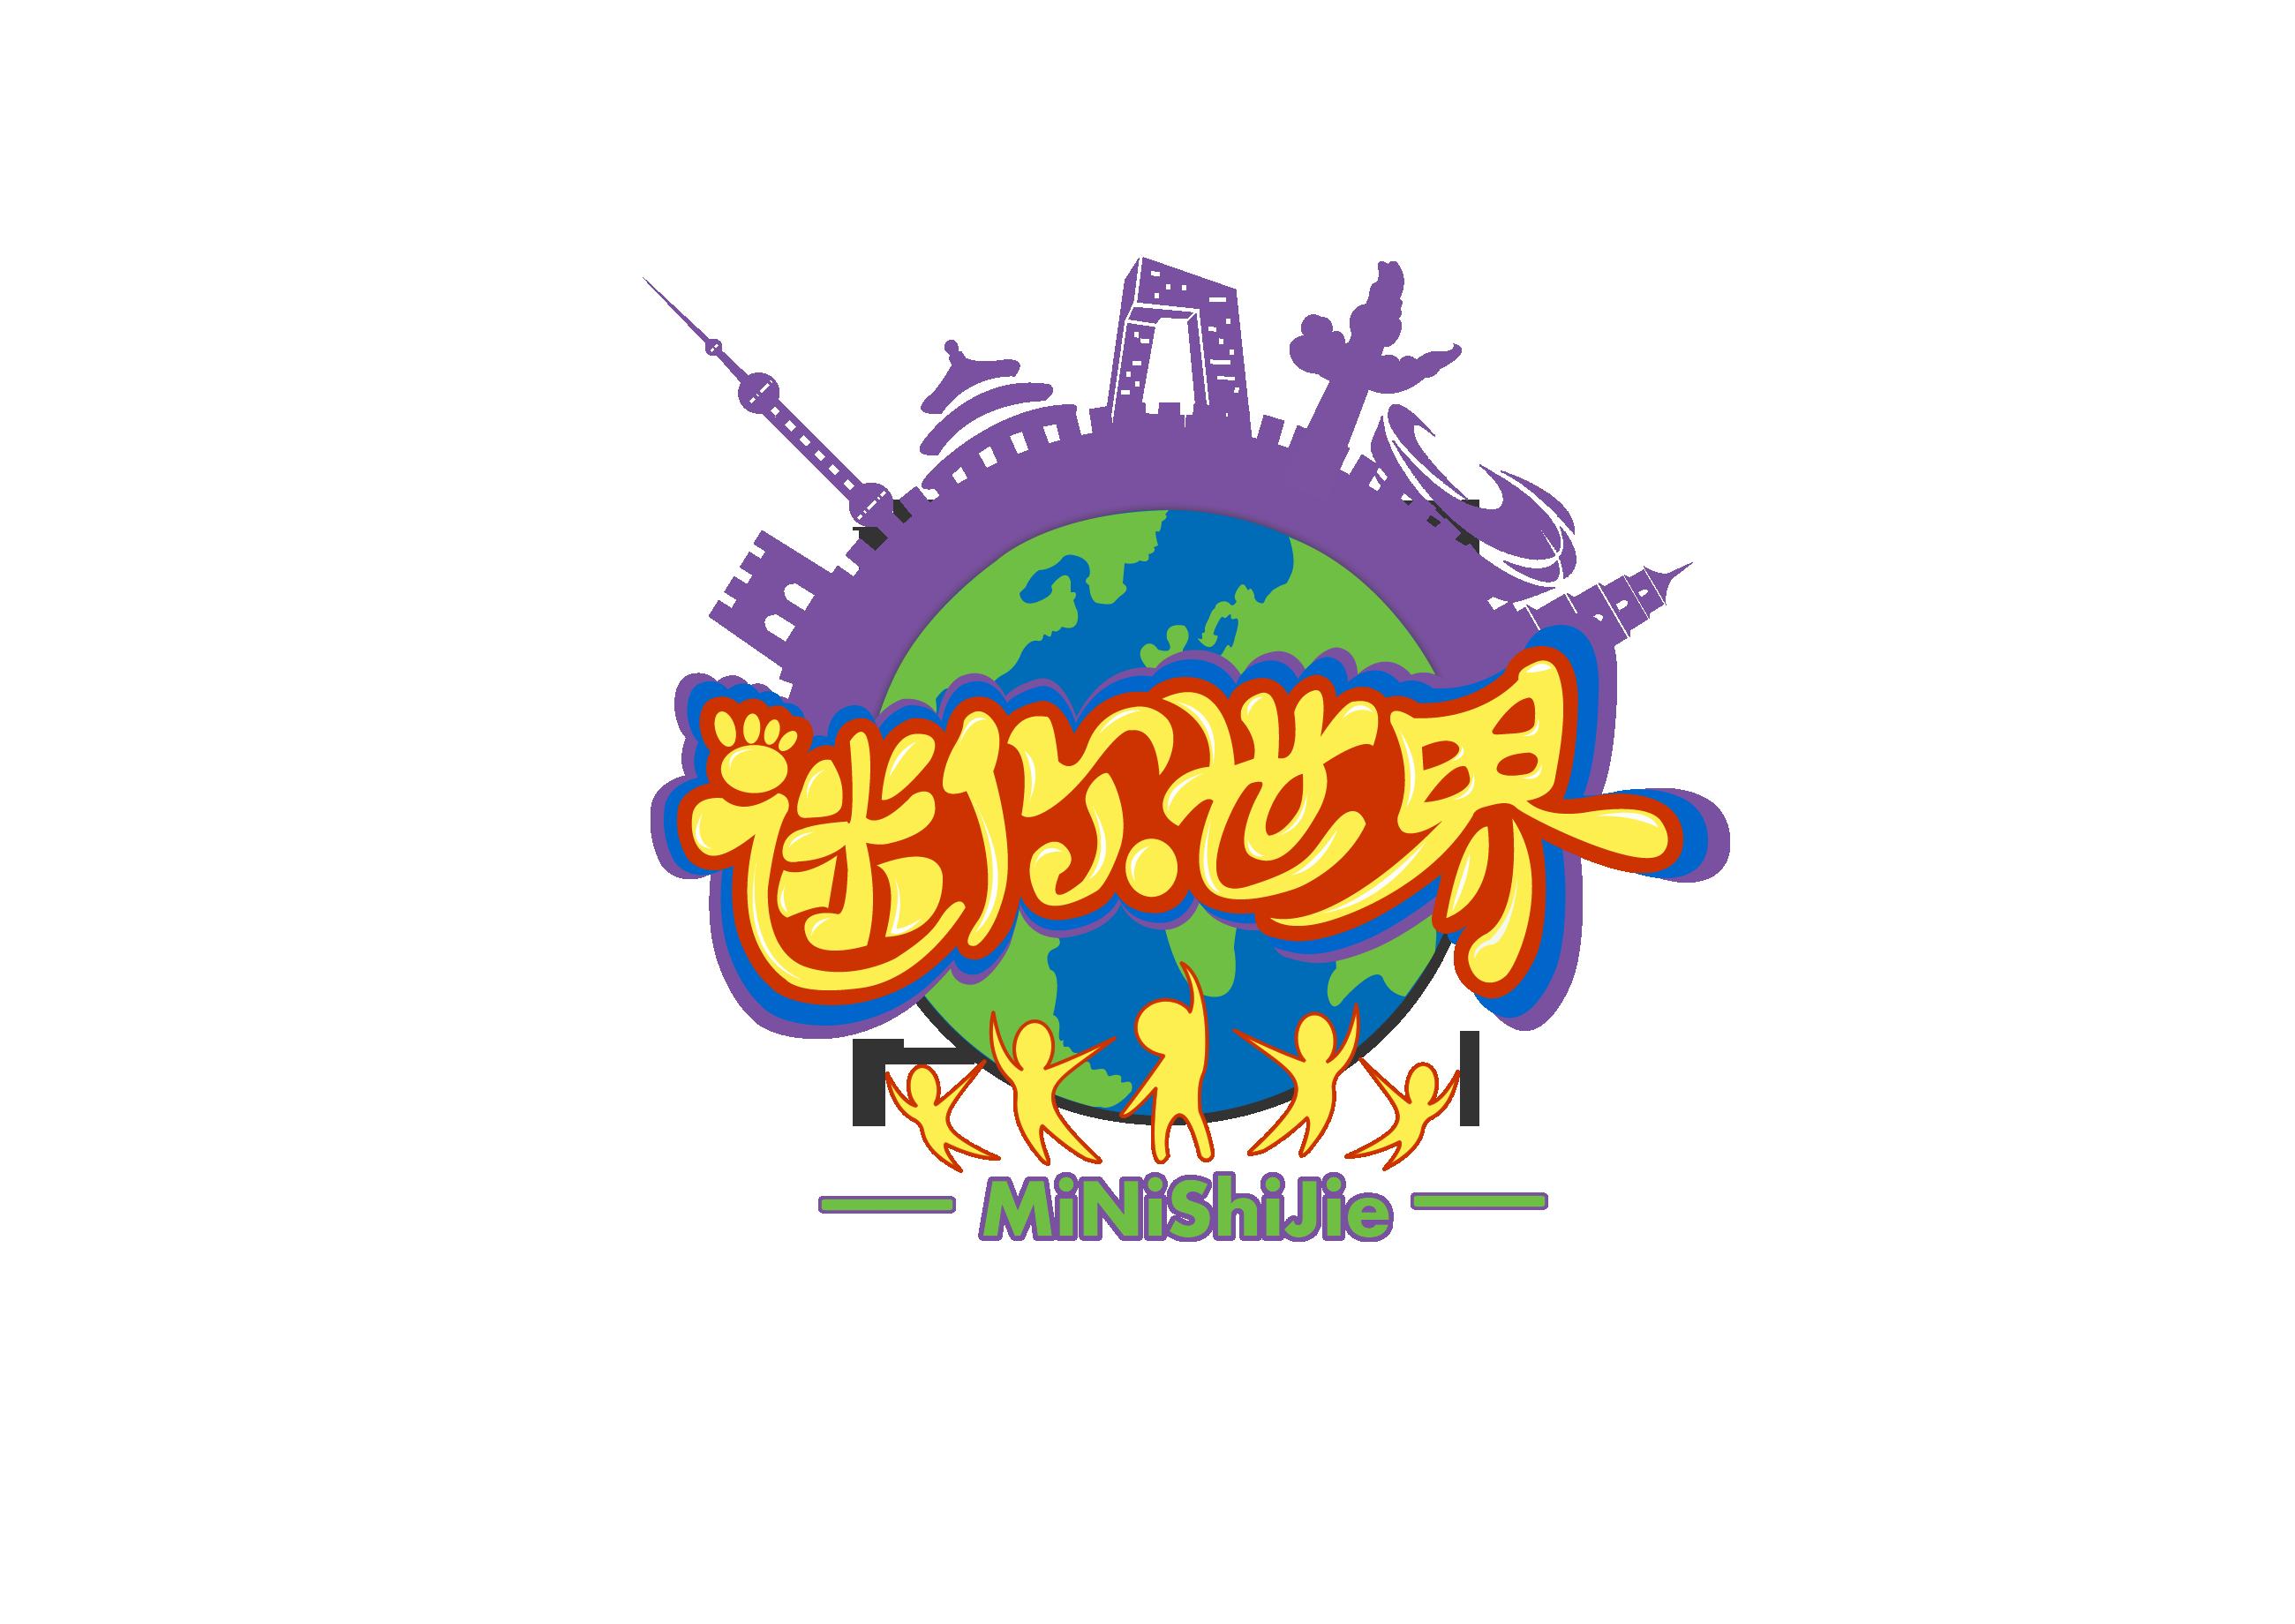 北京迷你世界文化交流有限公司logo